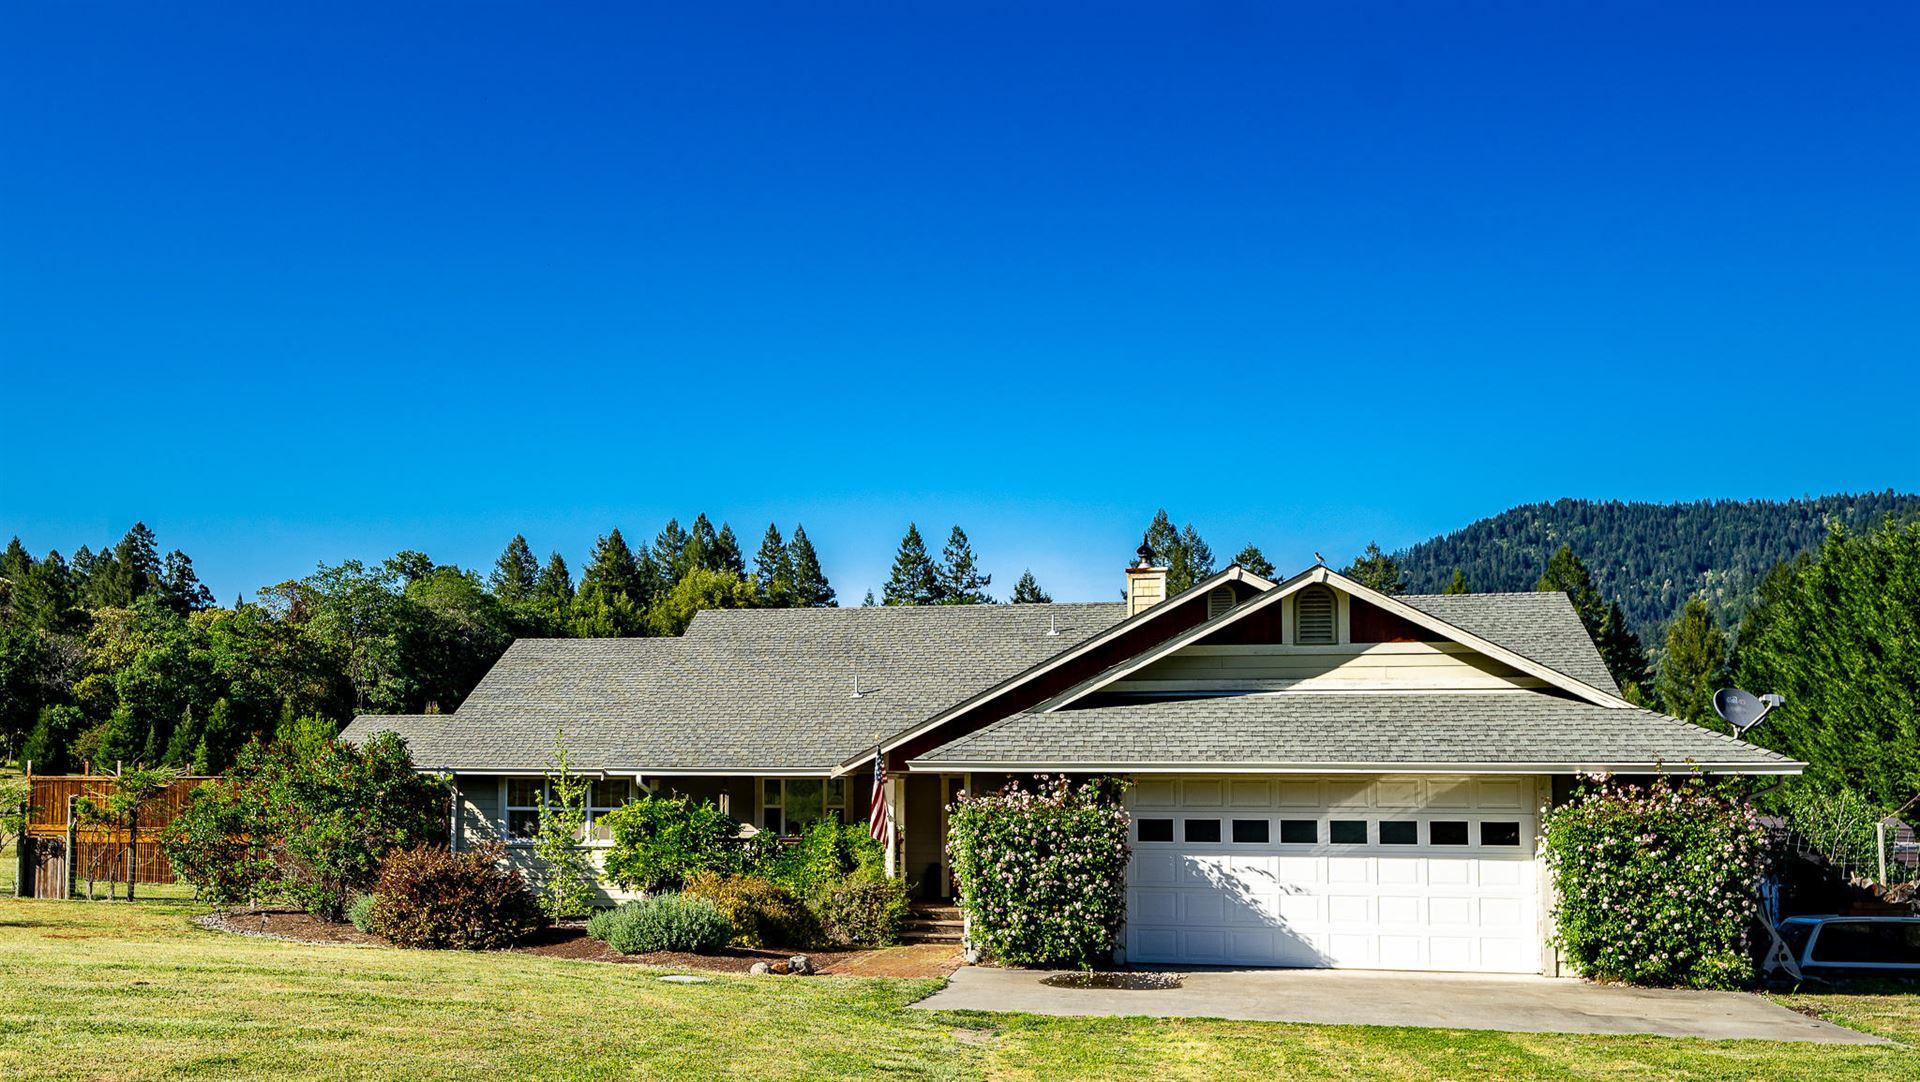 19 River Bend Road, Willow Creek, CA 95573 - MLS#: 259054